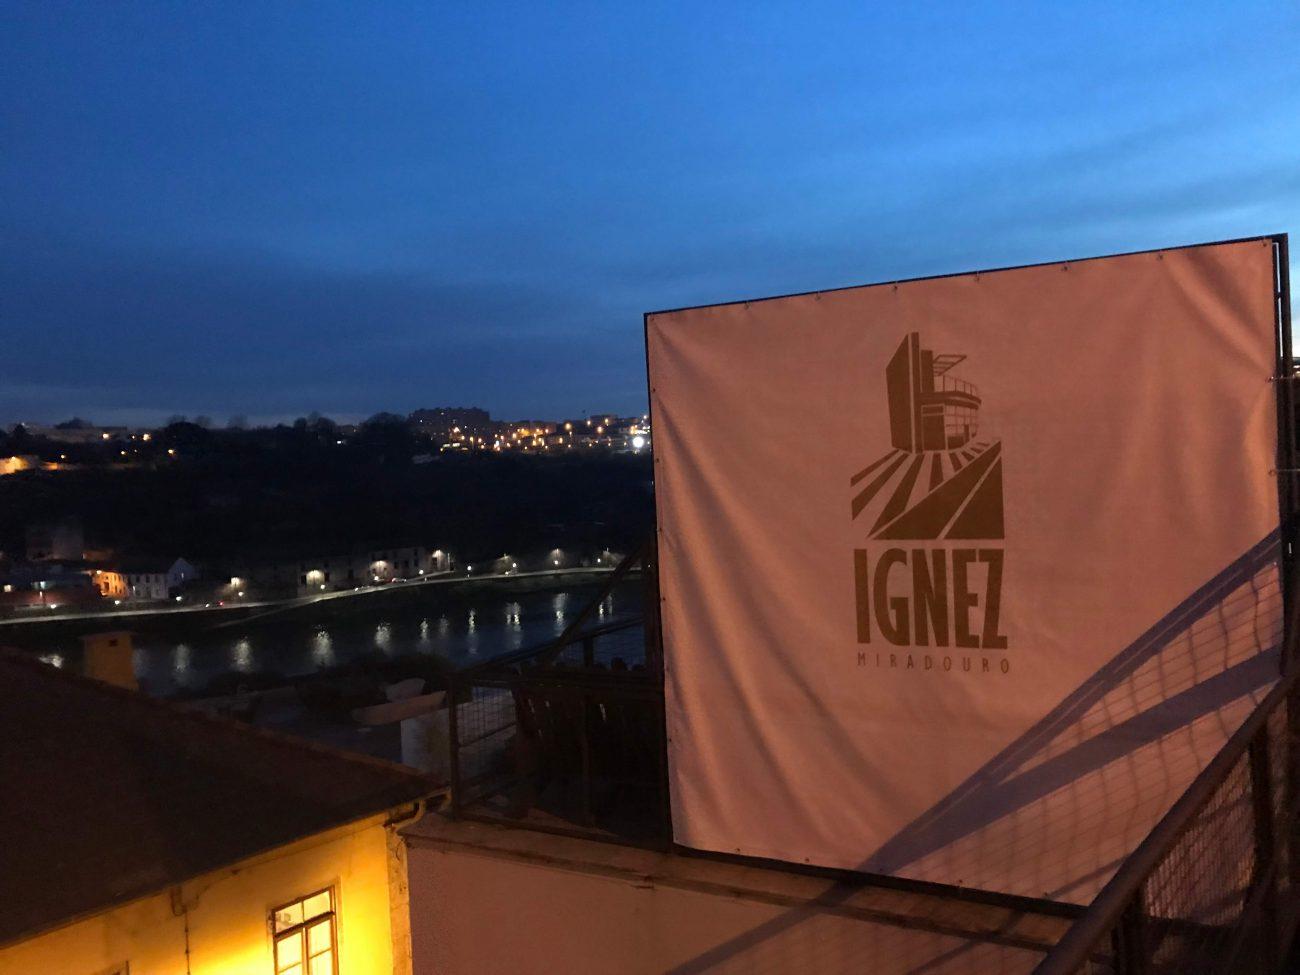 Porto Sightseeing Aussichtspunkt Miradouro Ignaz ist ein toller Platz für Porto und einen Drink